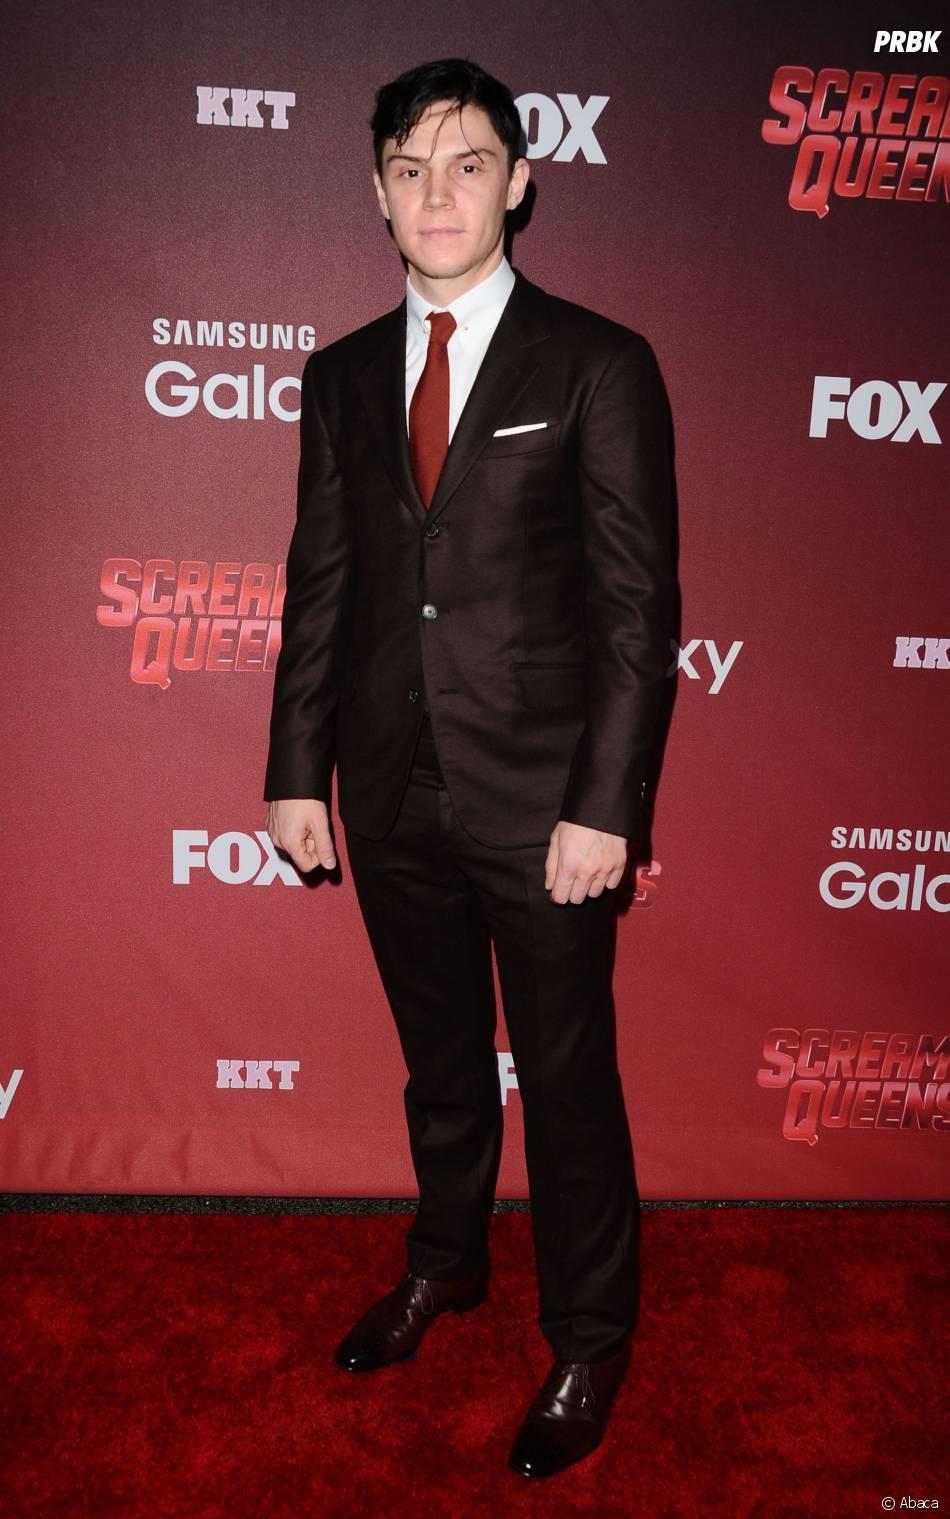 Evan Peters à l'avant-première de Scream Queens, le 21 septembre 2015 à Los Angeles